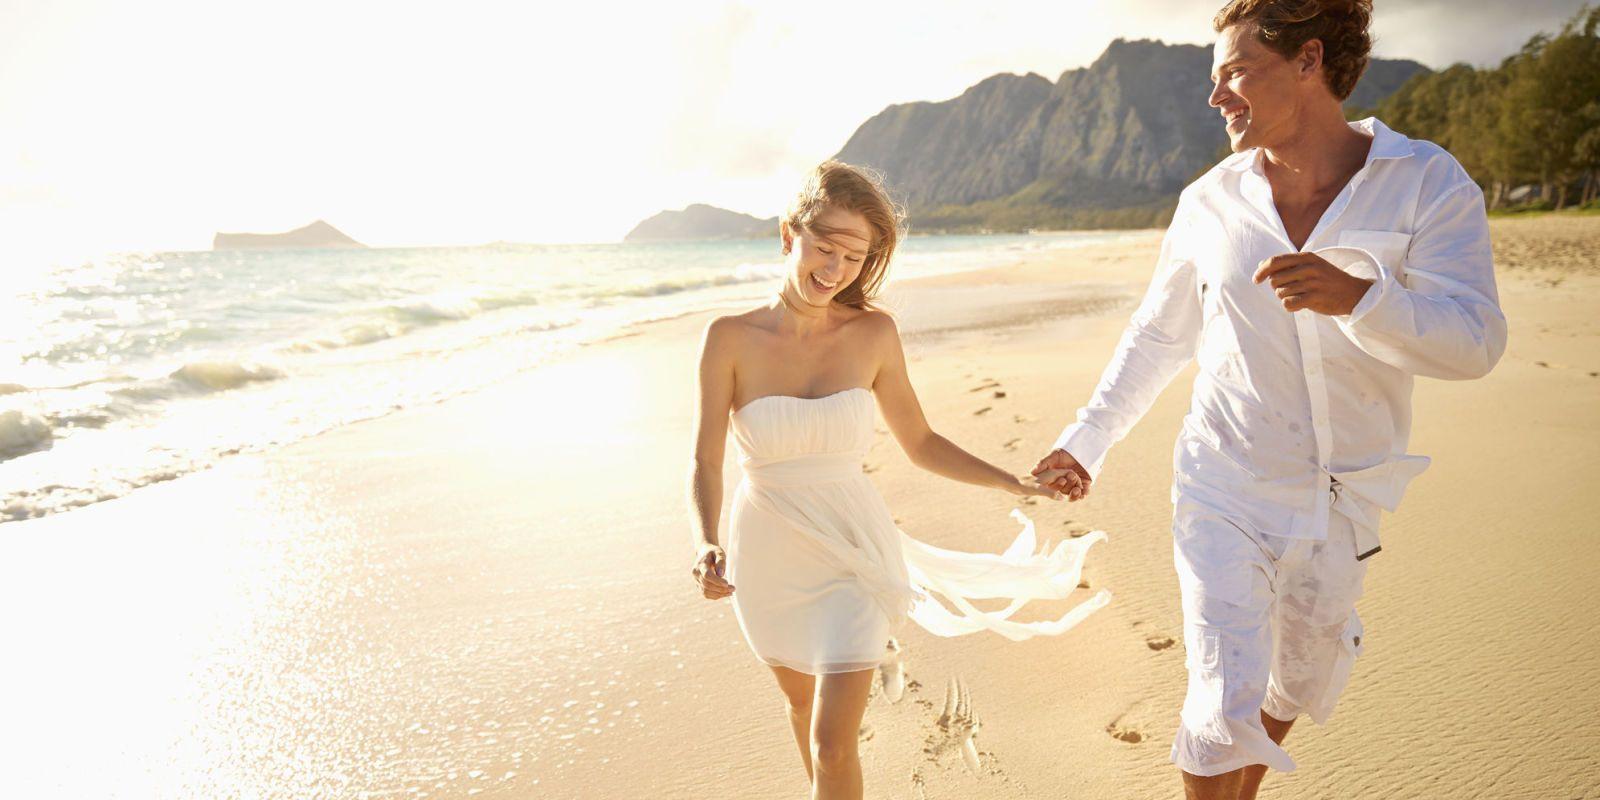 Matrimonio In Spiaggia Vestito Da Sposa : Matrimonio in spiaggia abiti da sposa per celebrare in